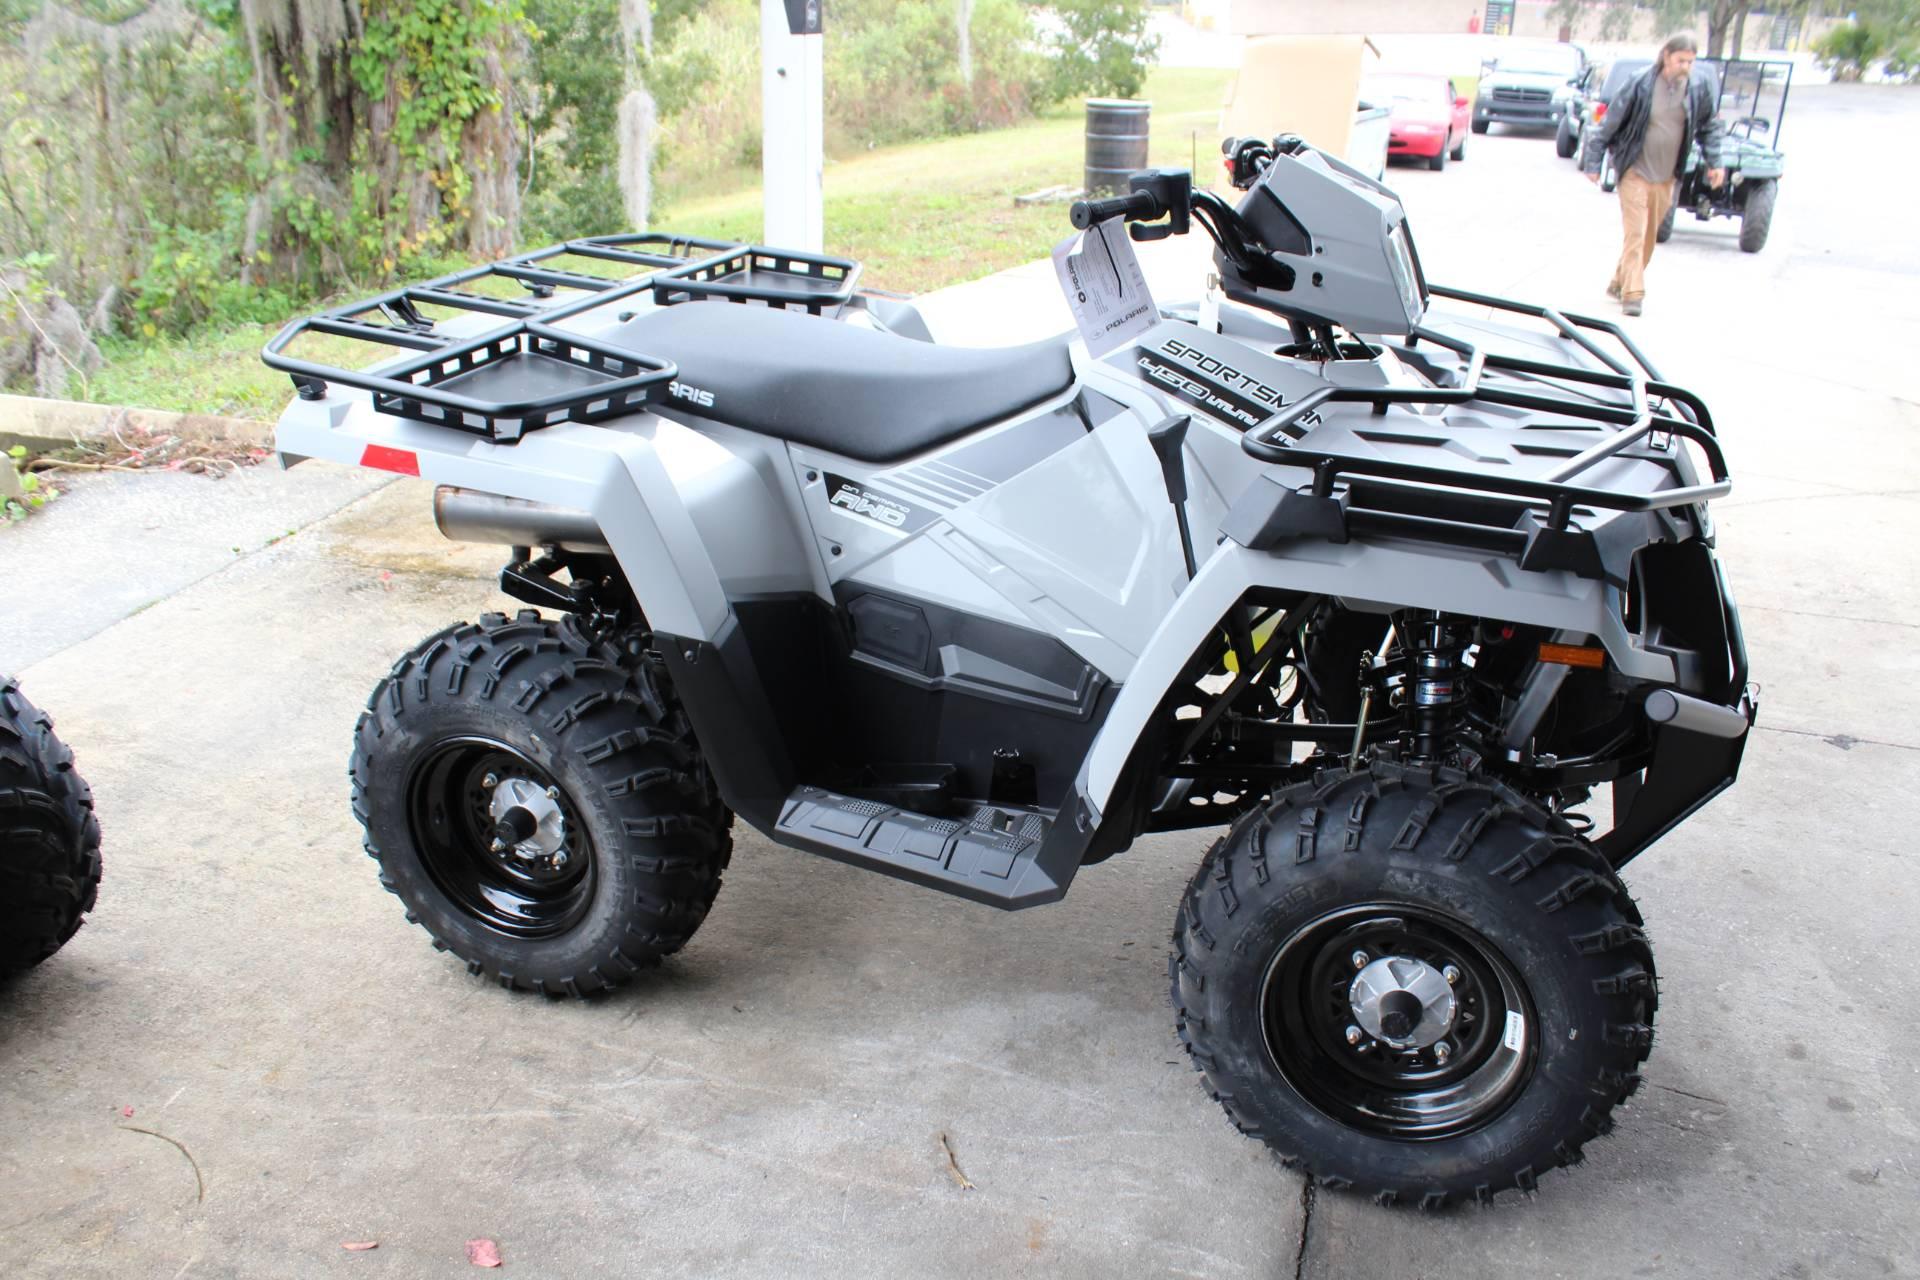 Polaris Dealer Florida >> 2018 Polaris Sportsman 450 H.O. Utility Edition ATVs Palatka Florida N/A